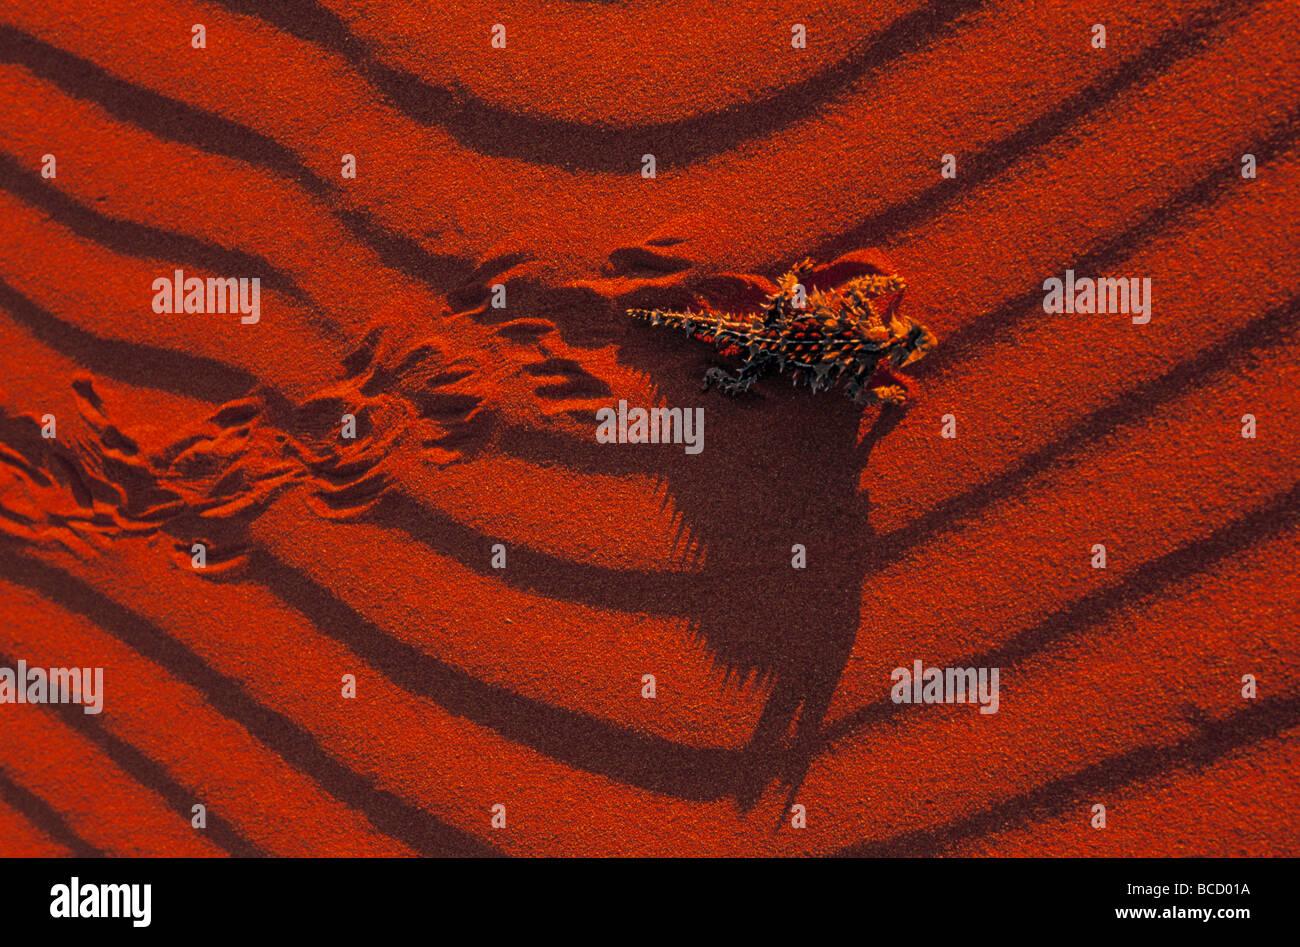 Diablo espinoso lagartija (Moloch horridus) cruzando la arena ondulada roja Imagen De Stock